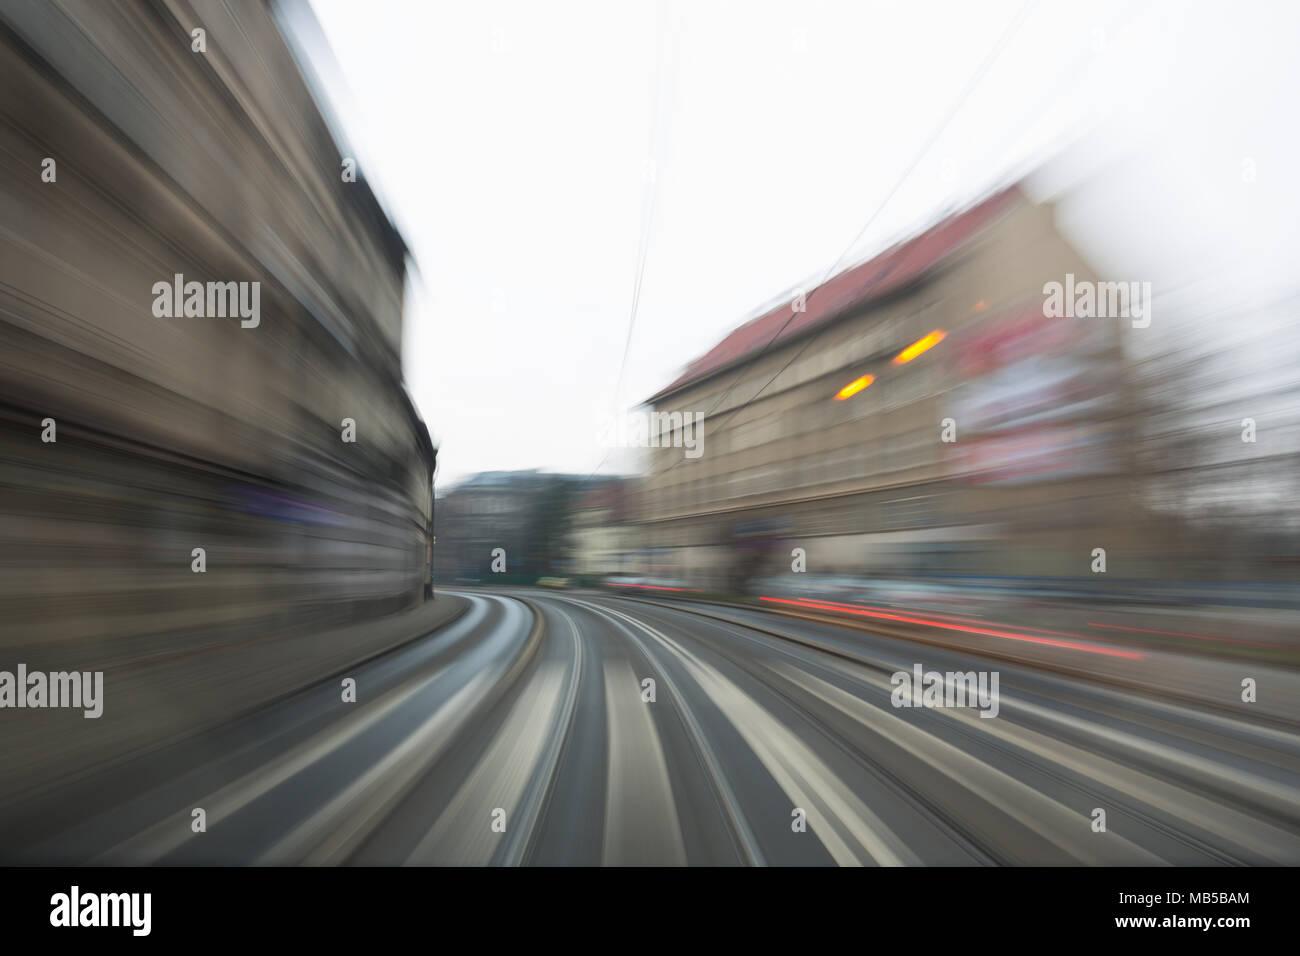 Foto di una moto strada sfocata presi da un tram che dà un senso di velocità e movimento Immagini Stock